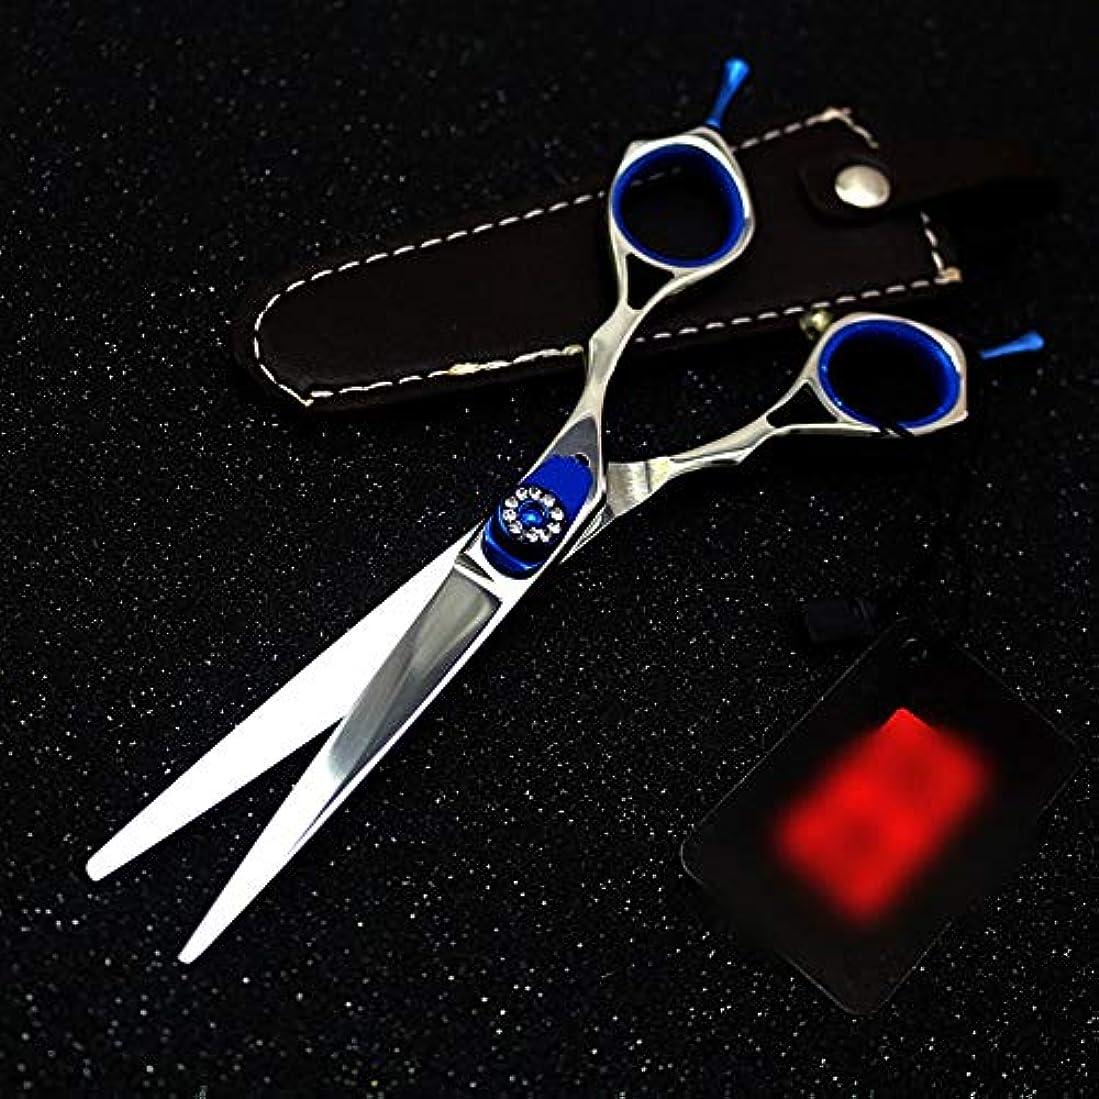 効率的に自明ブリリアント6インチプロフェッショナル両面理髪はさみ、宝石用原石理髪プロフェッショナルはさみ ヘアケア (色 : 青)